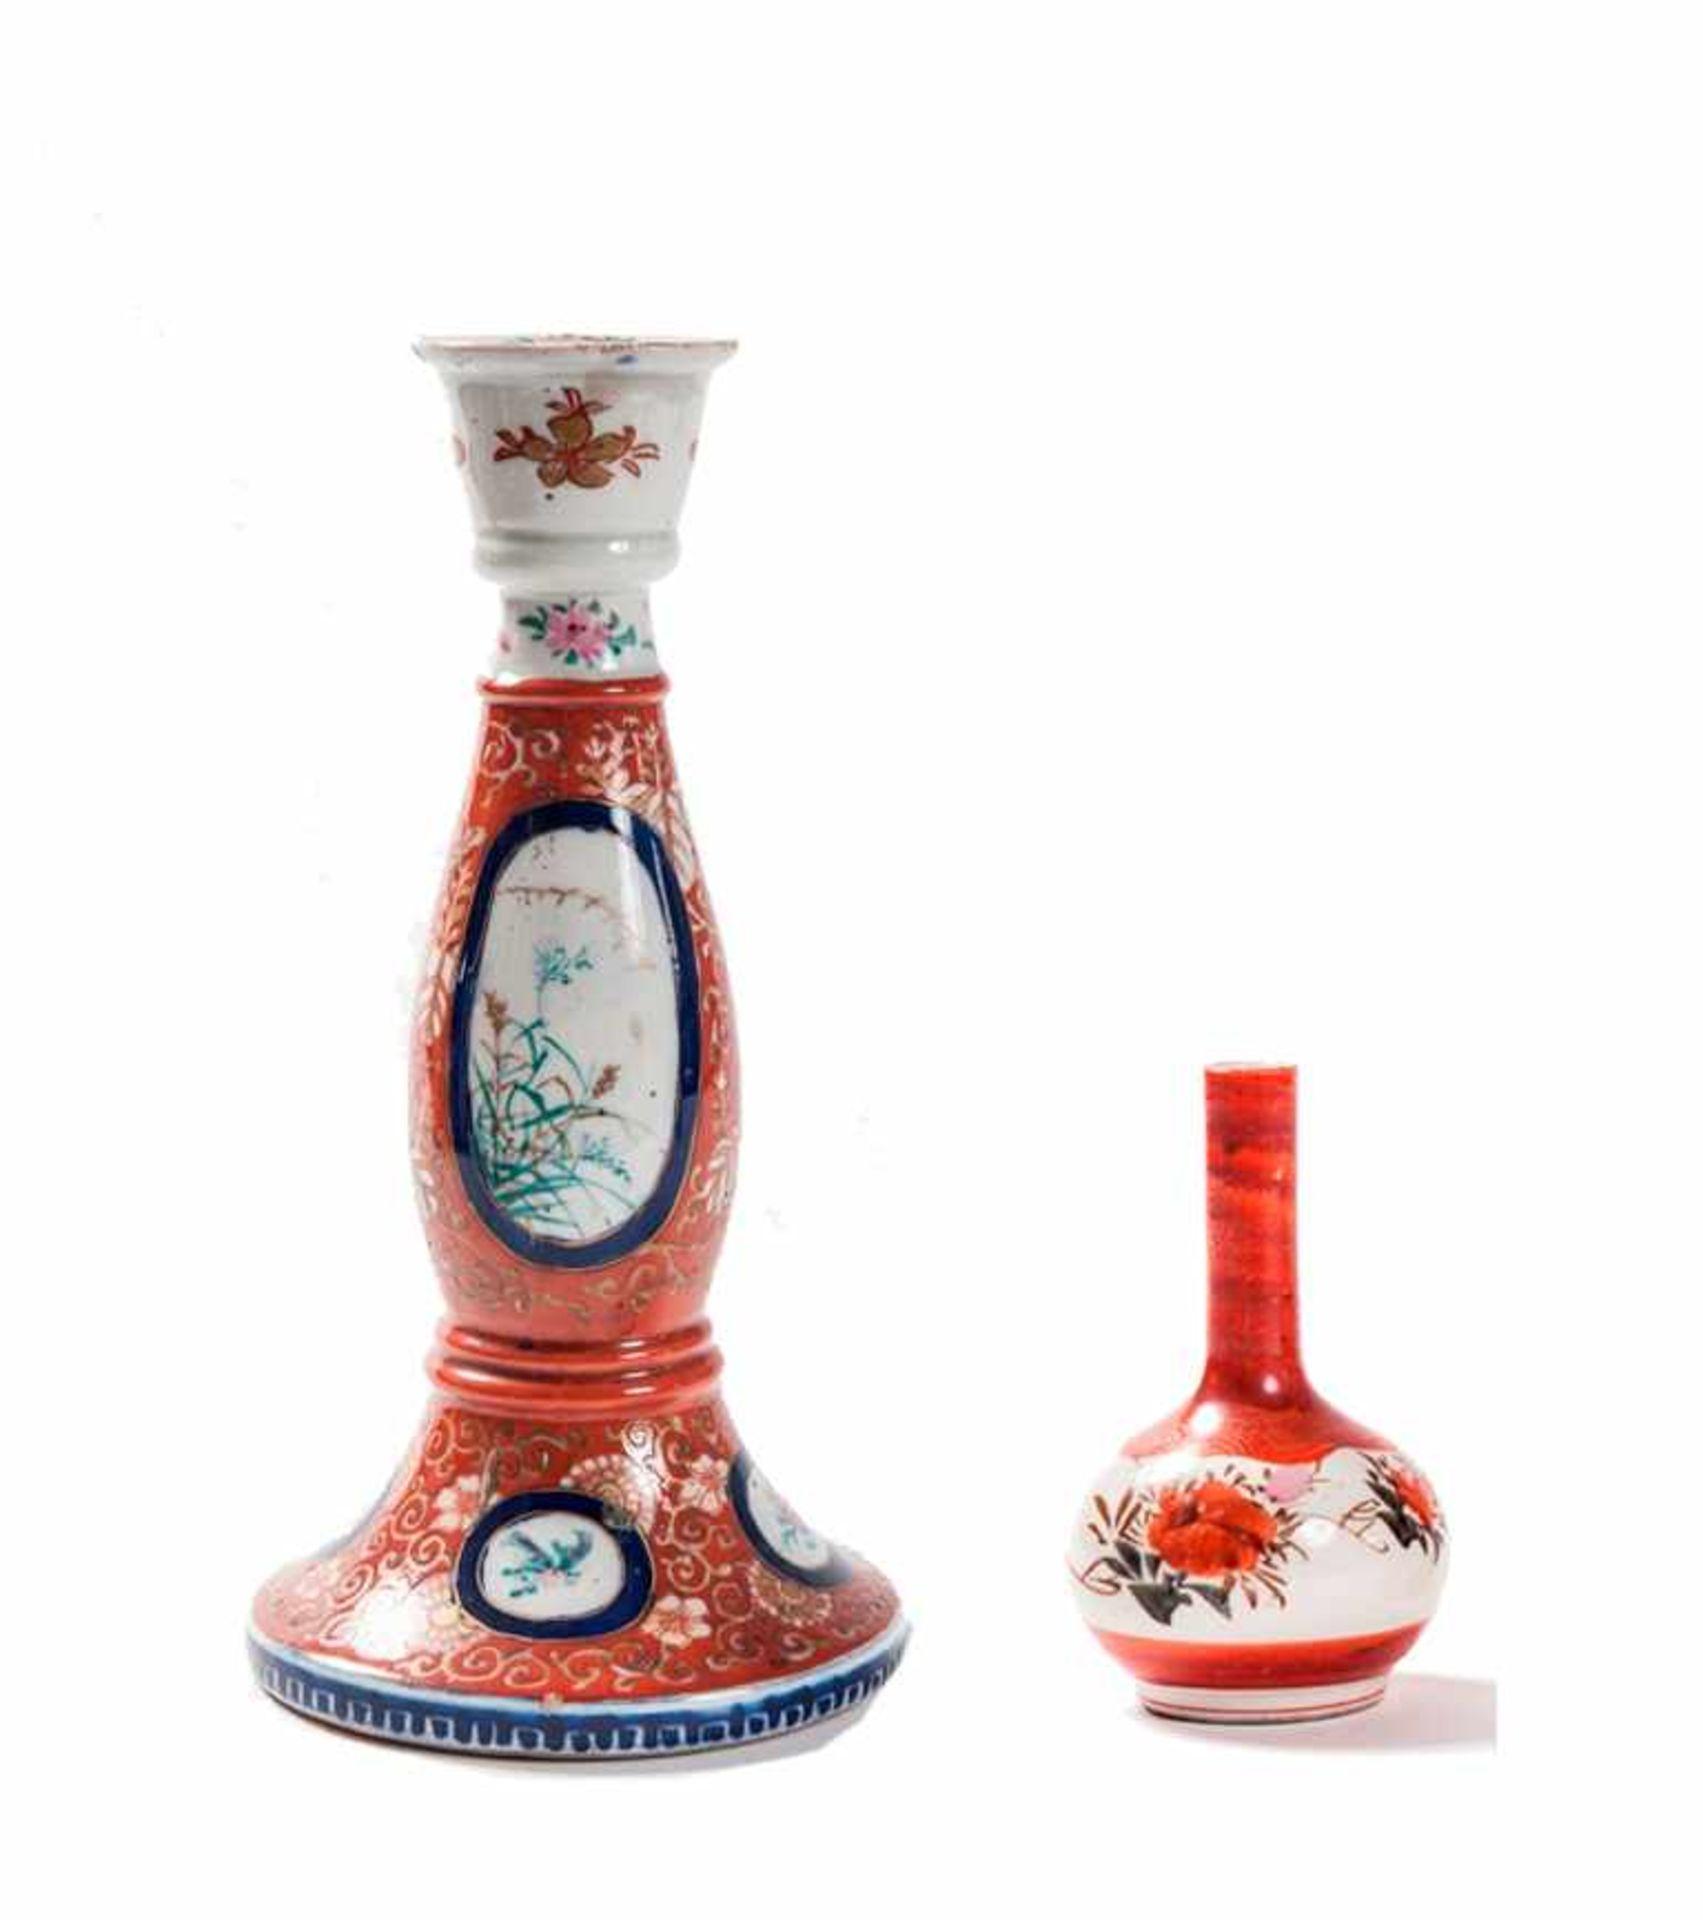 Konvolut Bestehend aus 1 Kerzenständer,1 Porzellanvase Kutani-Porzellan. Japan, 19. Jh. a)